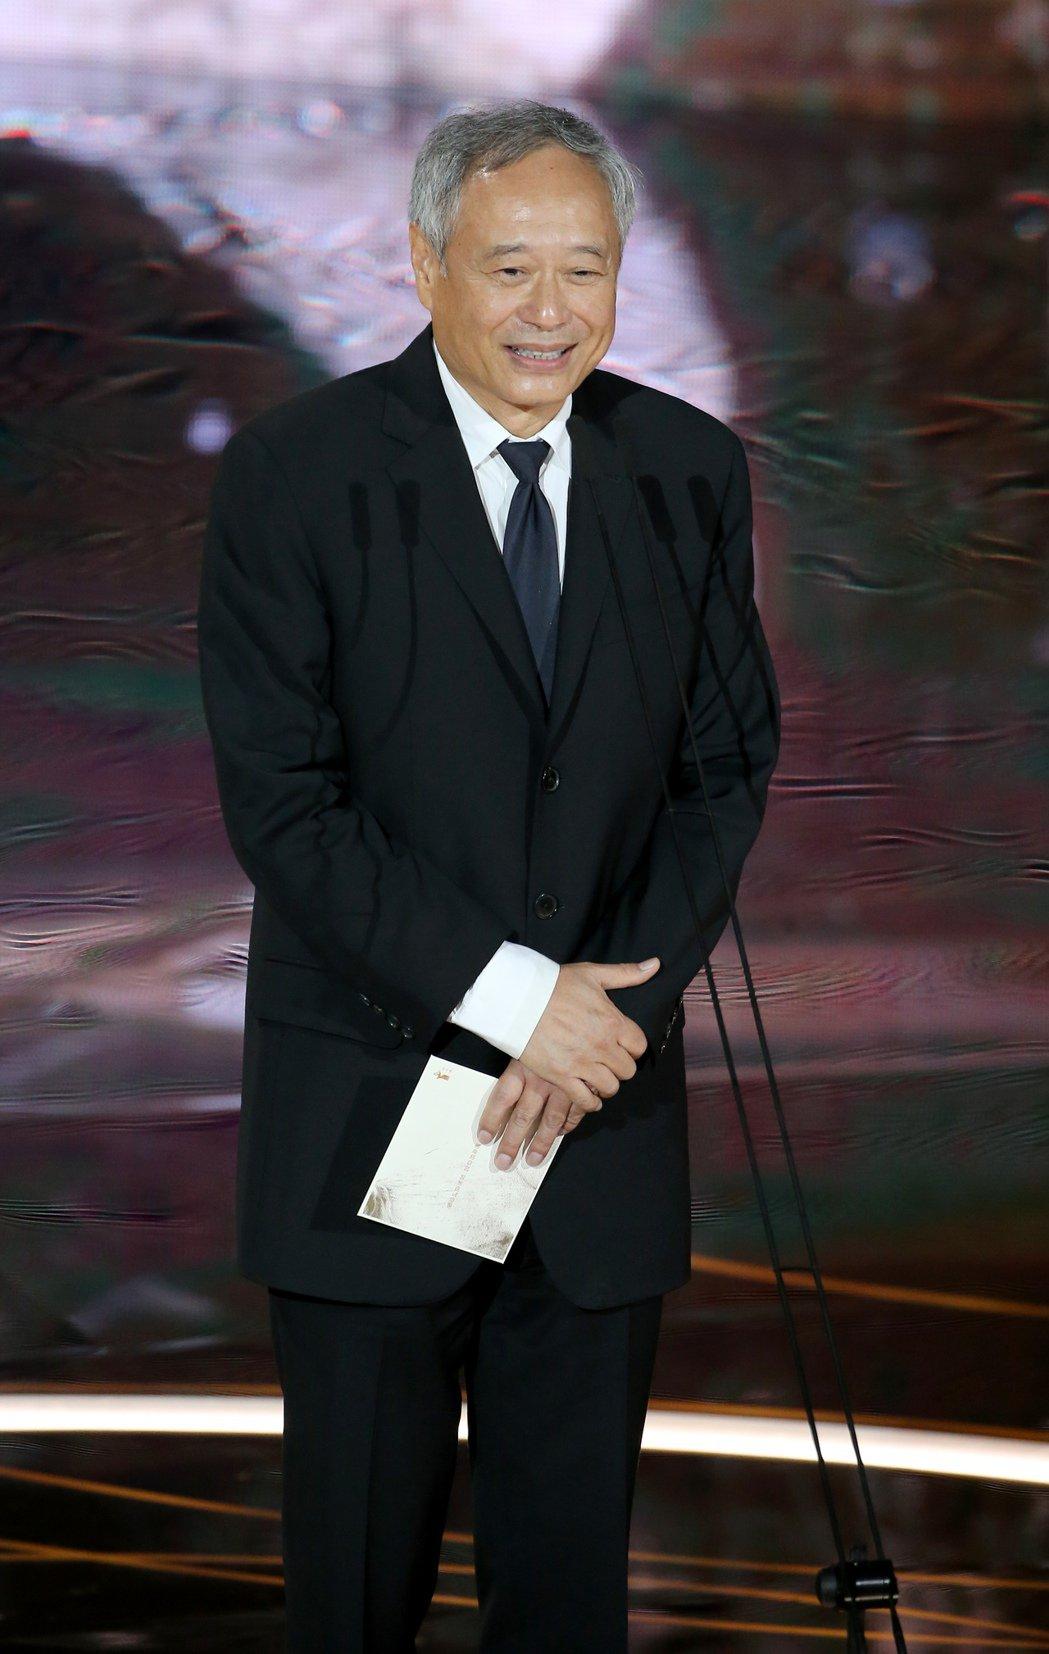 第57屆金馬獎頒獎典禮在國父紀念館舉行,李安擔任頒獎人。記者季相儒/攝影